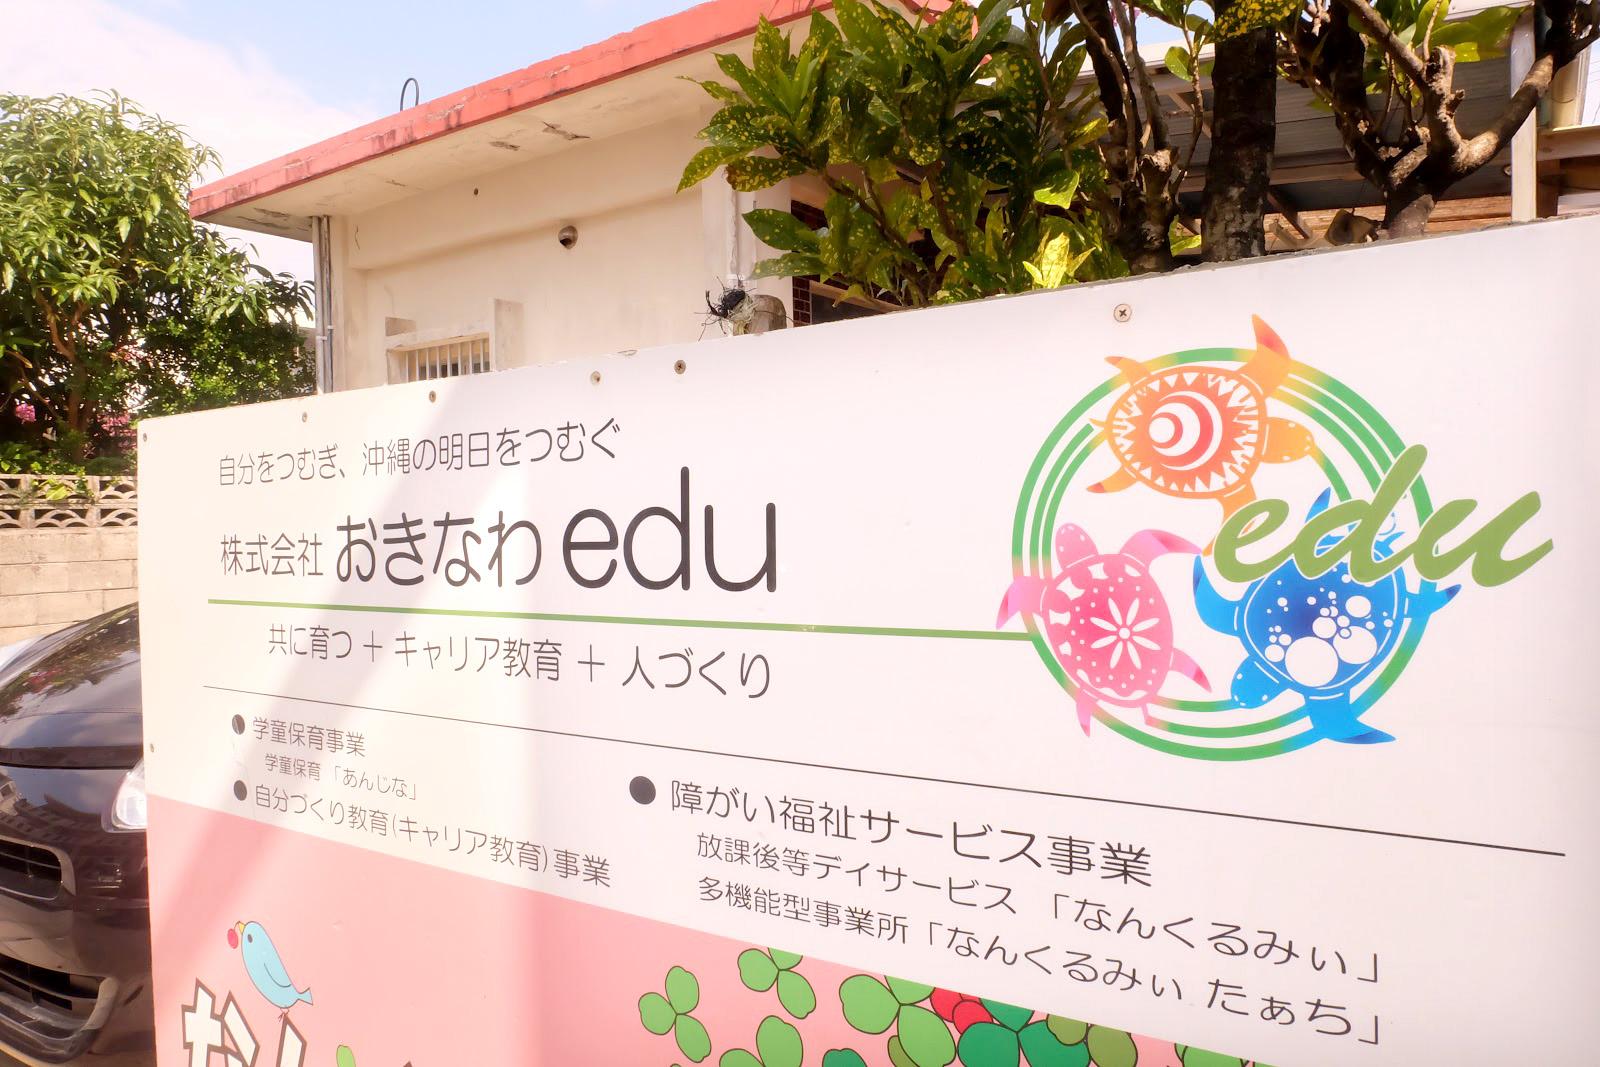 株式会社おきなわedu 沖縄の福祉に関する仕事探し 求人 就職はfukushi